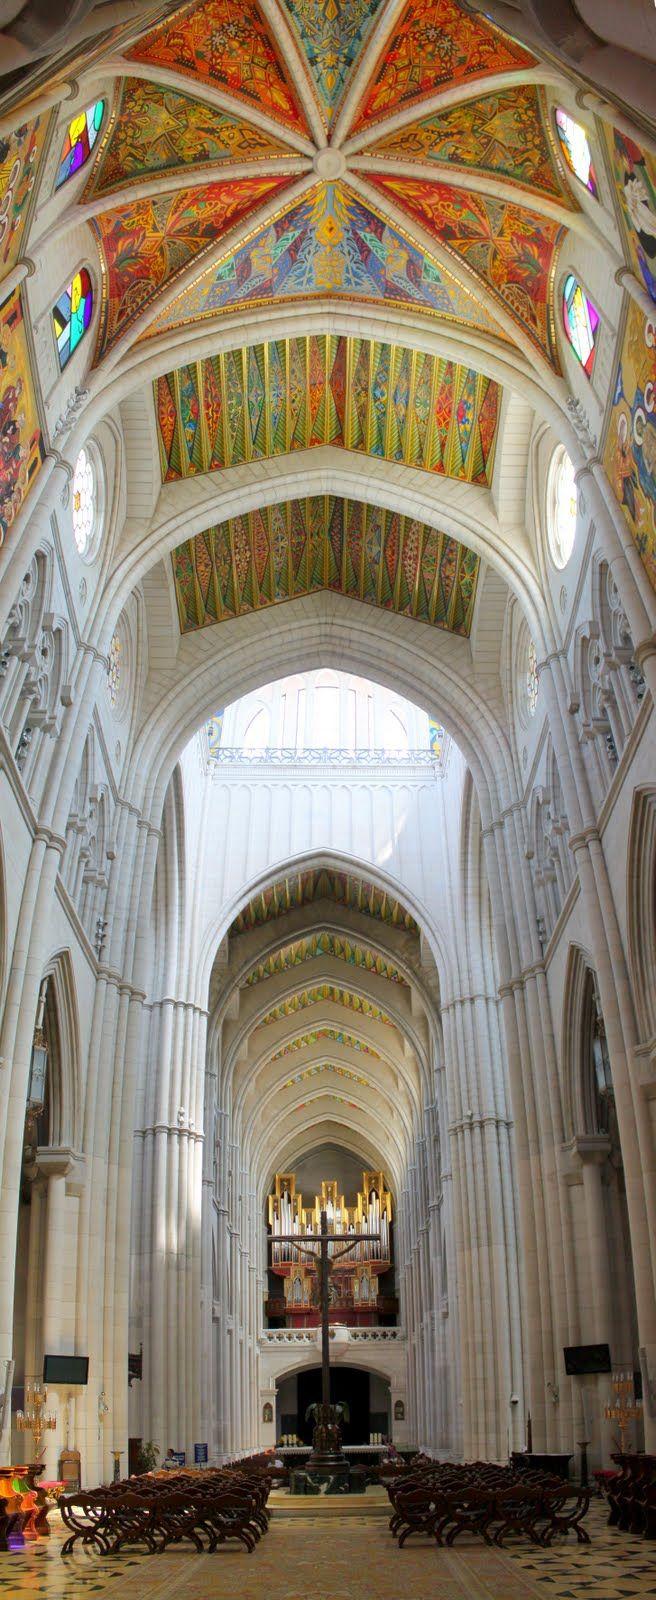 Santa María la Real de La Almudena is a Catholic cathedral in Madrid, Spain